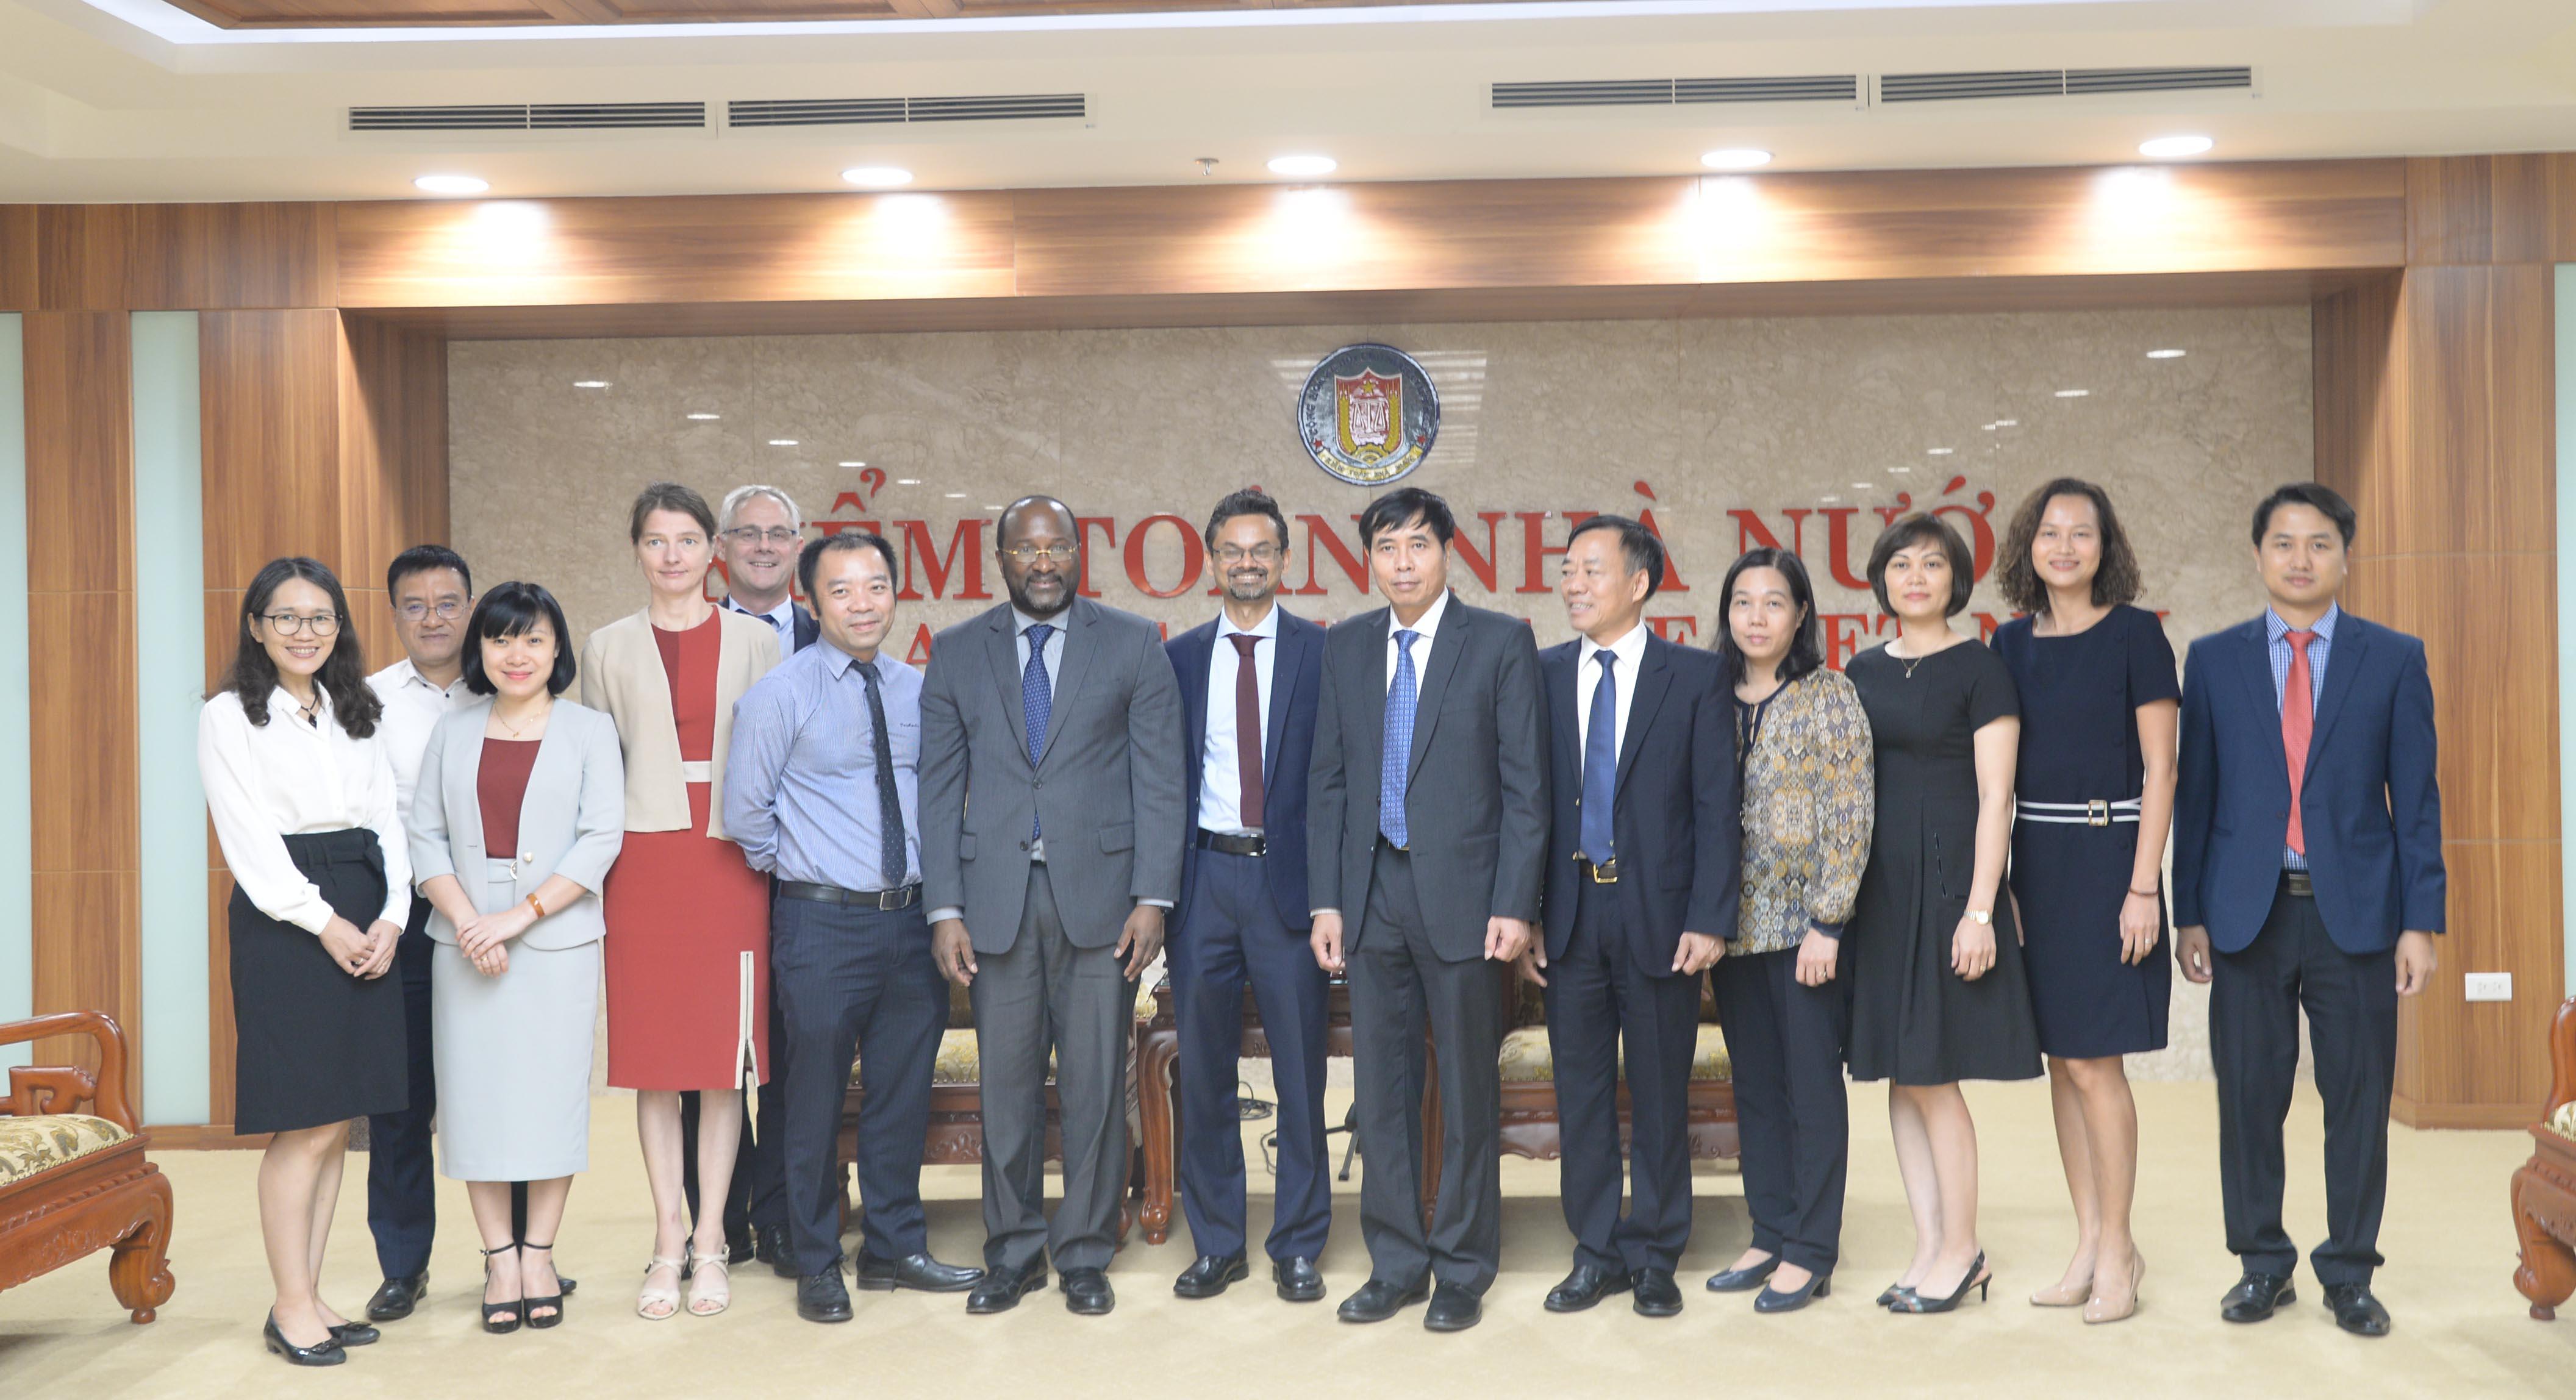 Phó Tổng Kiểm toán Nhà nước Nguyễn Tuấn Anh tiếp xã giao lãnh đạo Ngân hàng Thế giới